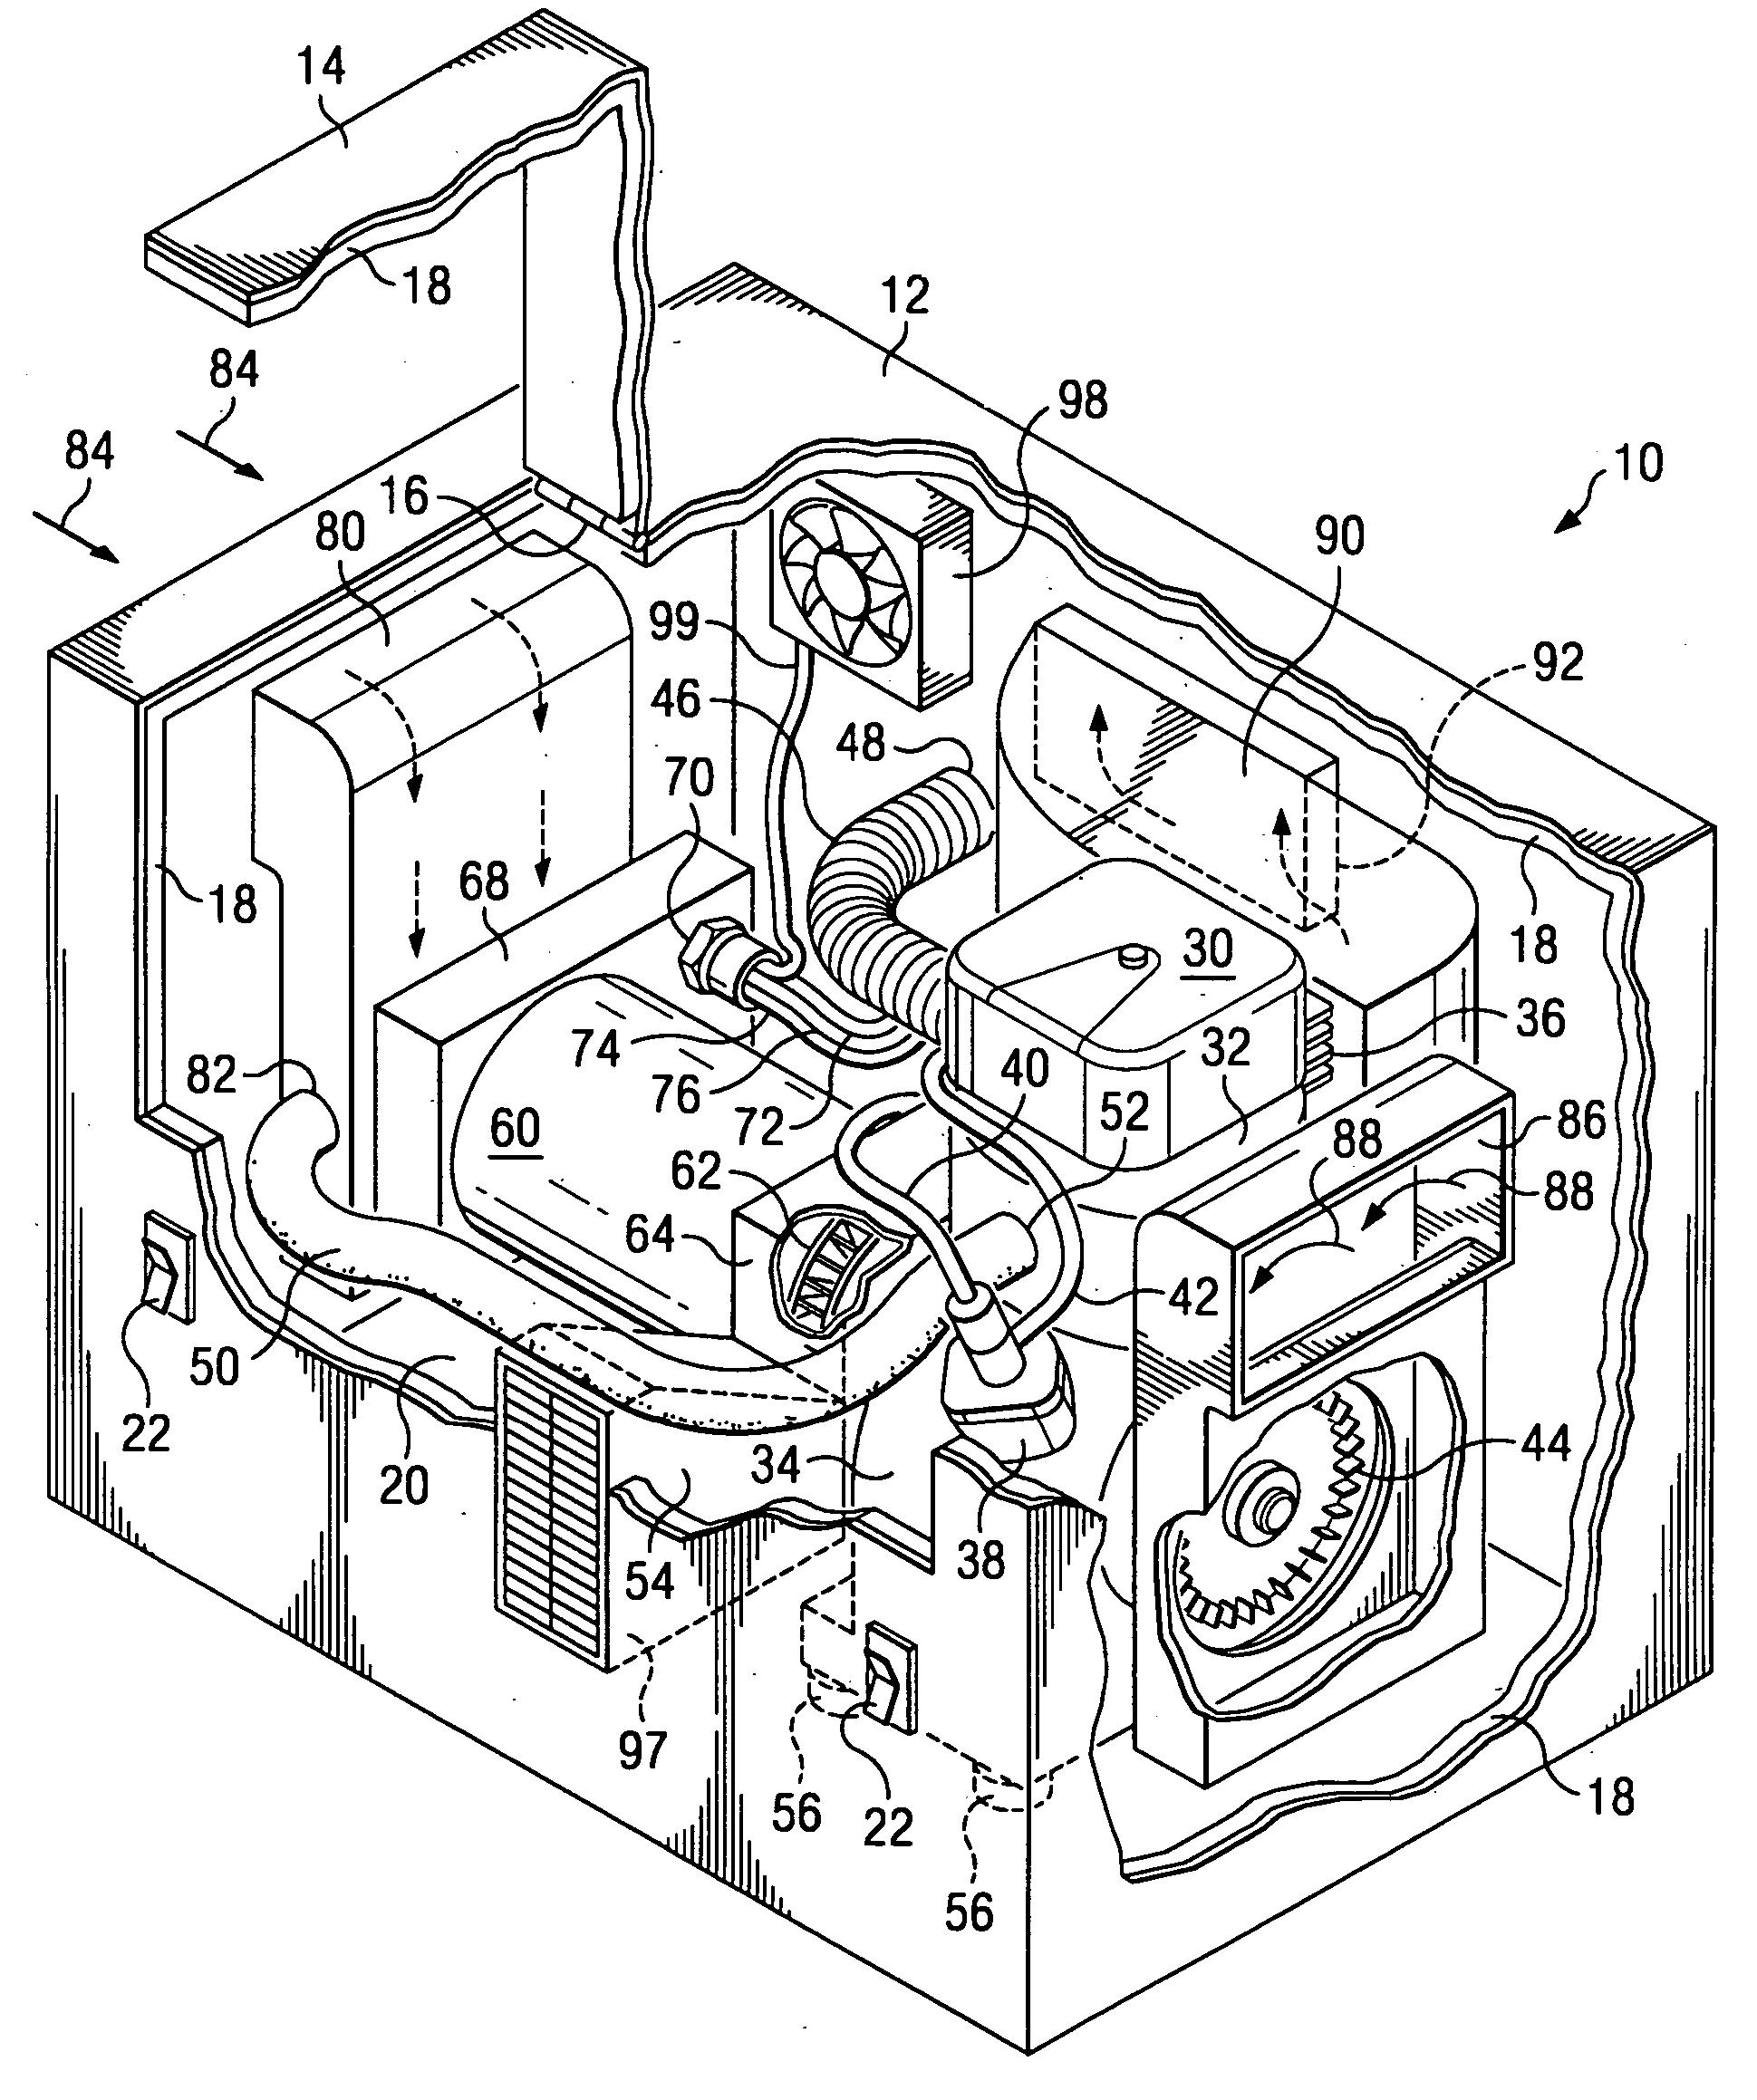 patent us20040104578